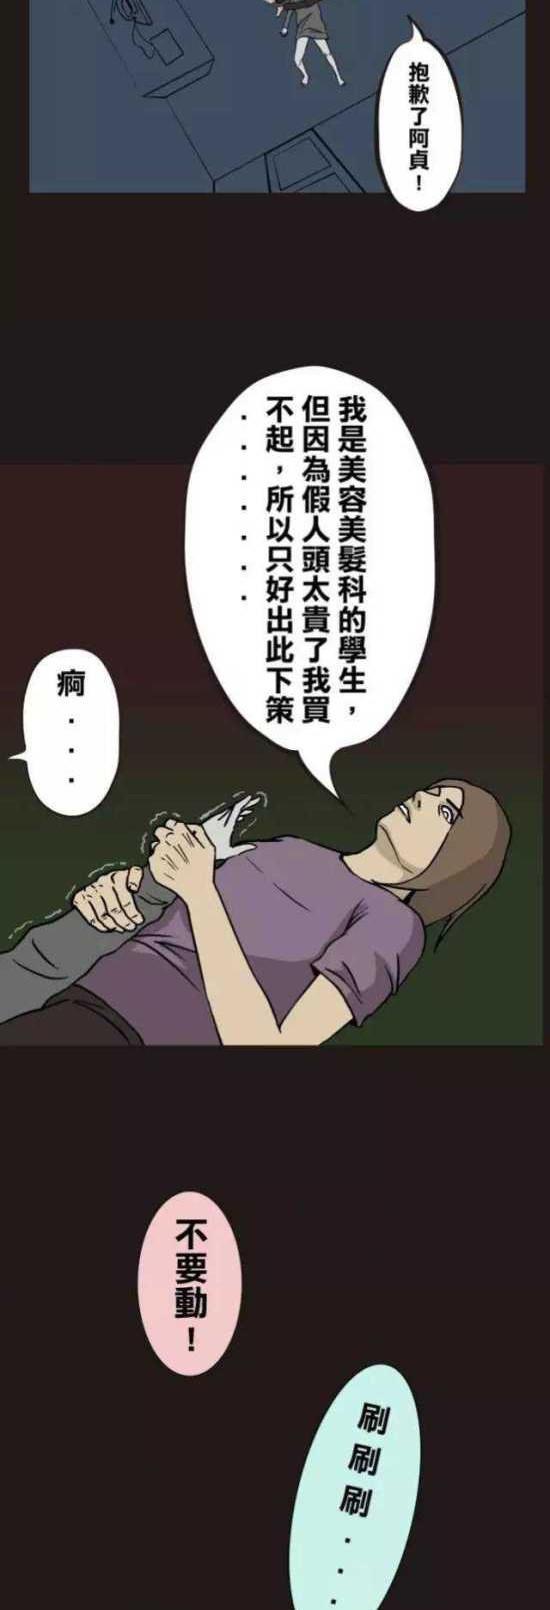 奇葩漫画:这估计是史上最尴尬的贞子吧,笑到肚子疼了(2)